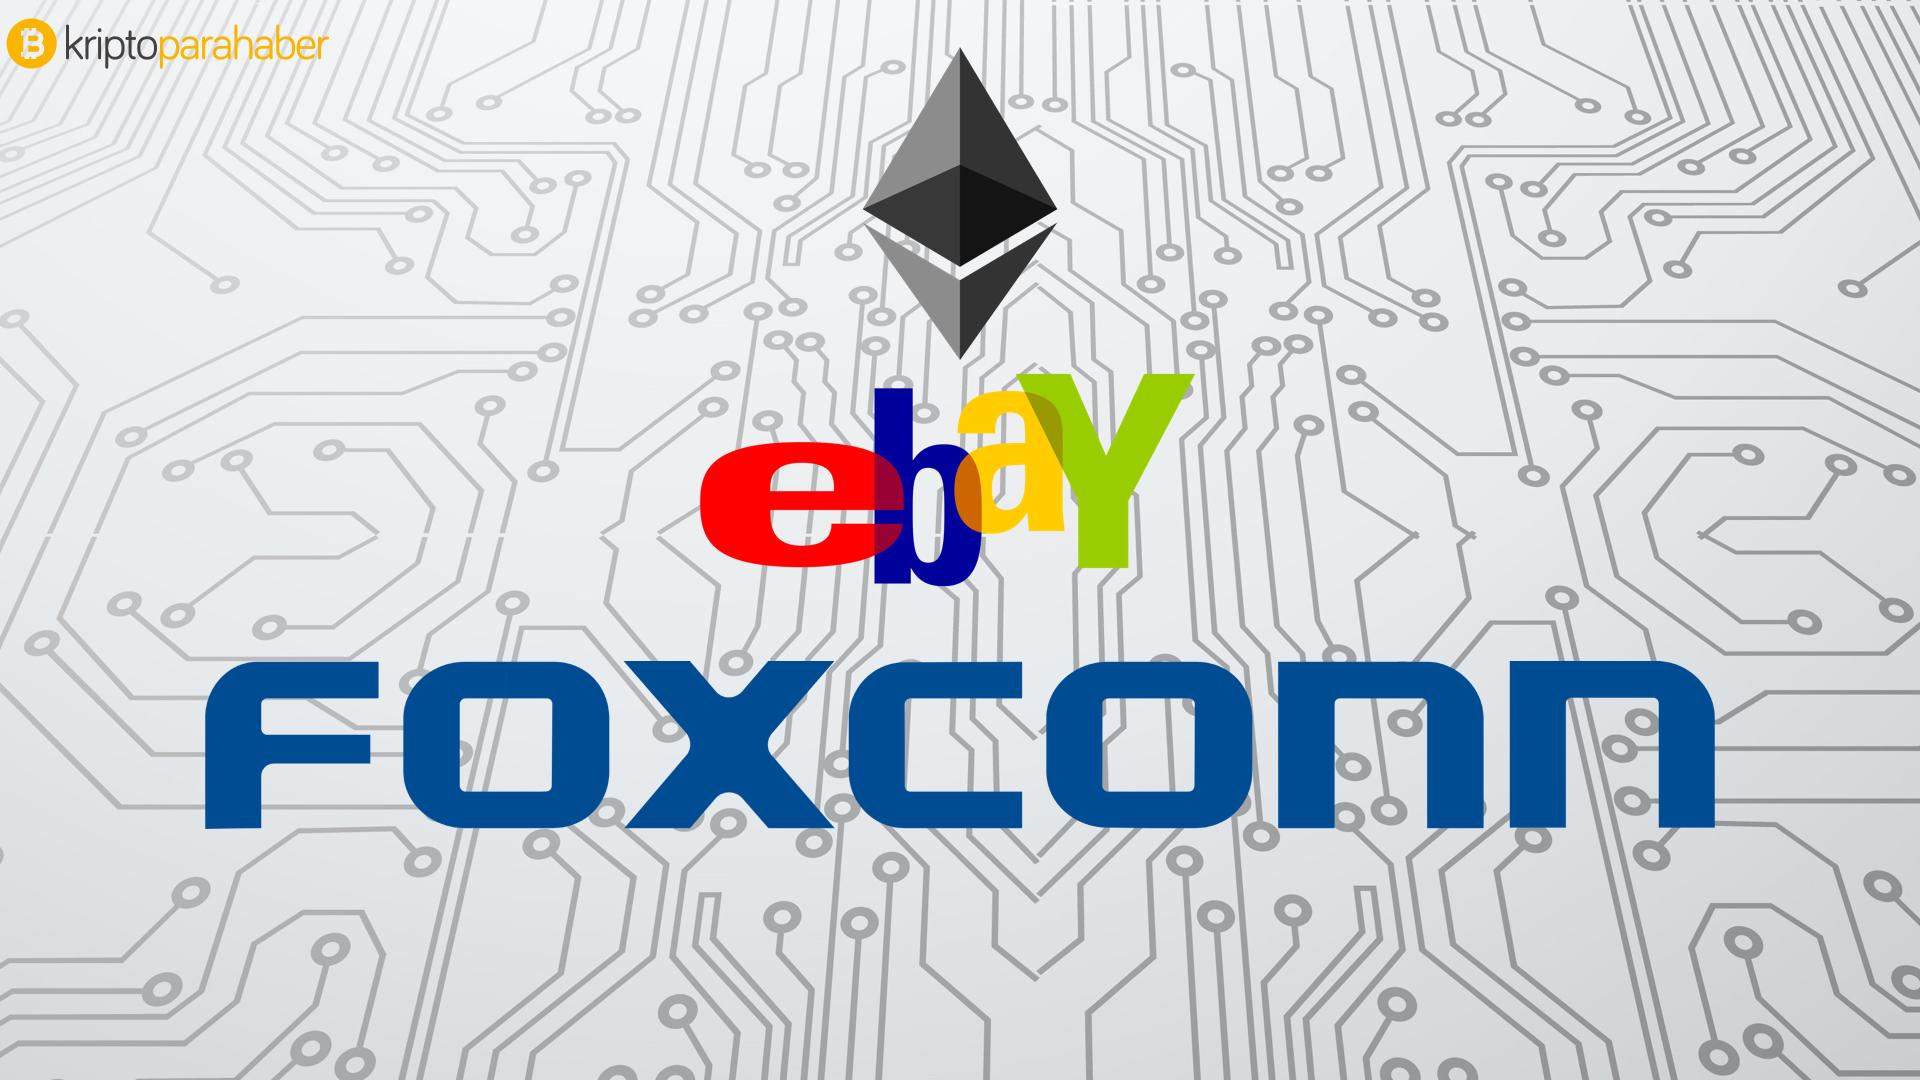 Ebay ve Foxconn Enterprise Ethereum Allience'a (EEA) katıldı